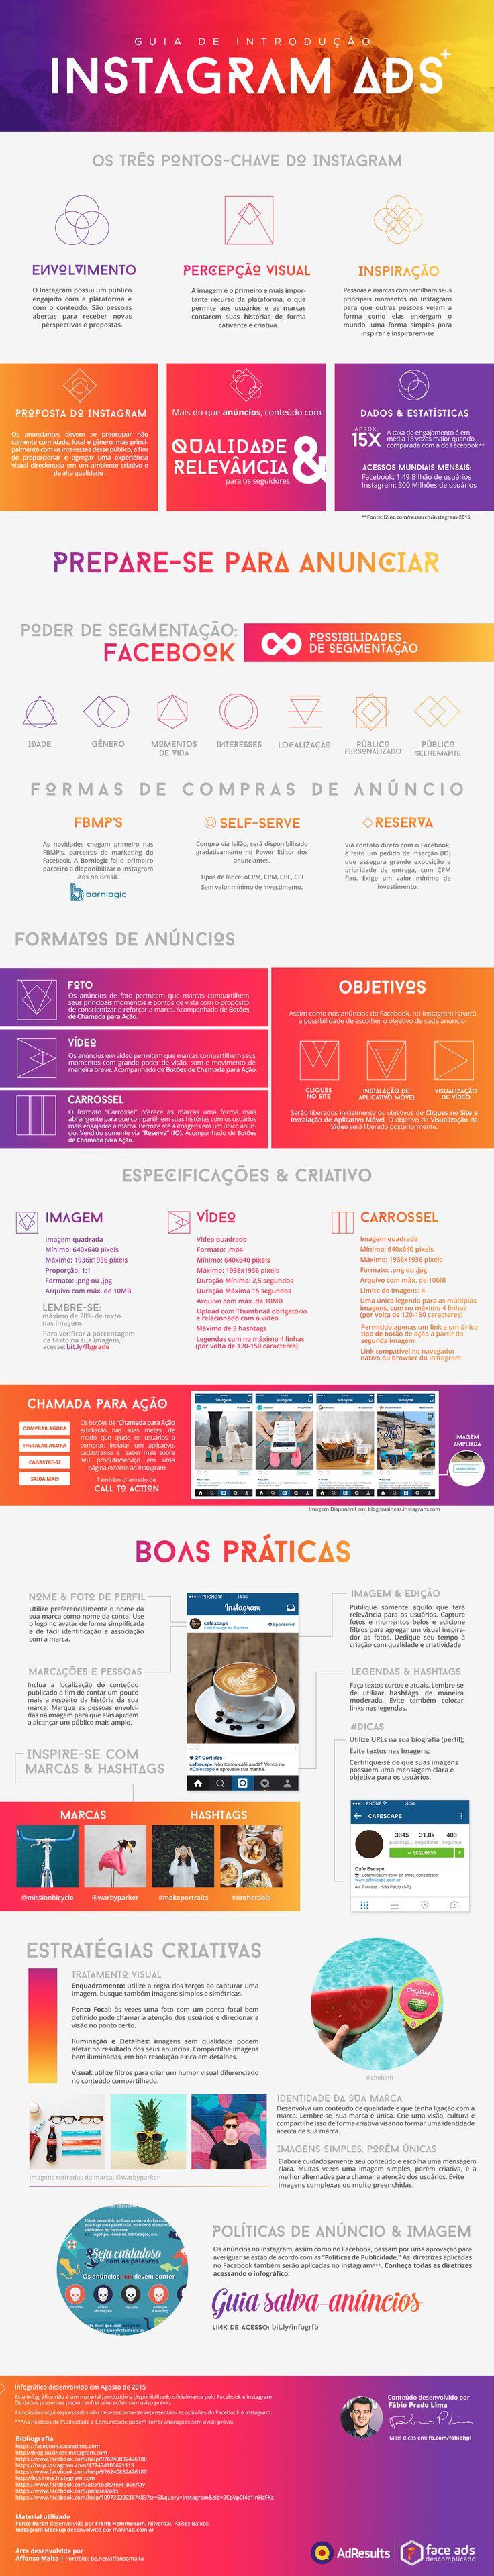 Infográfico: Guia De Anúncios No Instagram (Instagram Ads) – Como Funciona e Dicas.